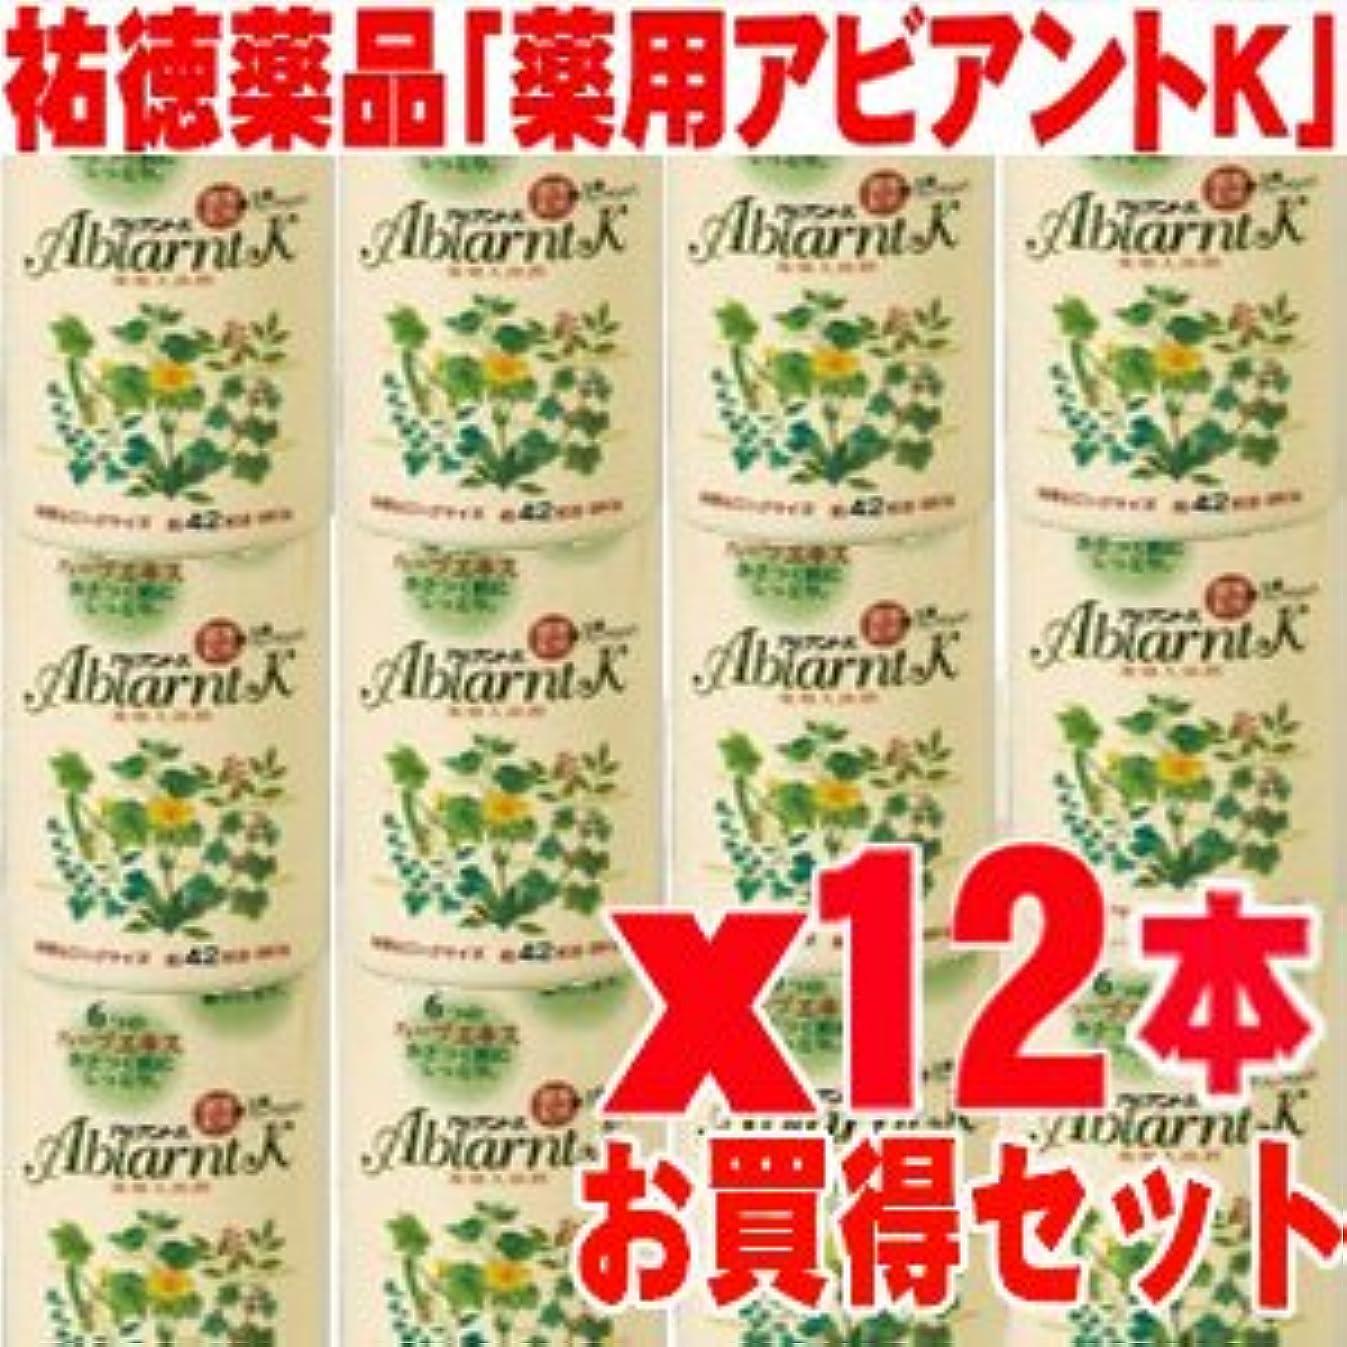 鍔わずかな試みアビアントK 薬用入浴剤 850gx12本 (総合計10.2kg)4987235024123